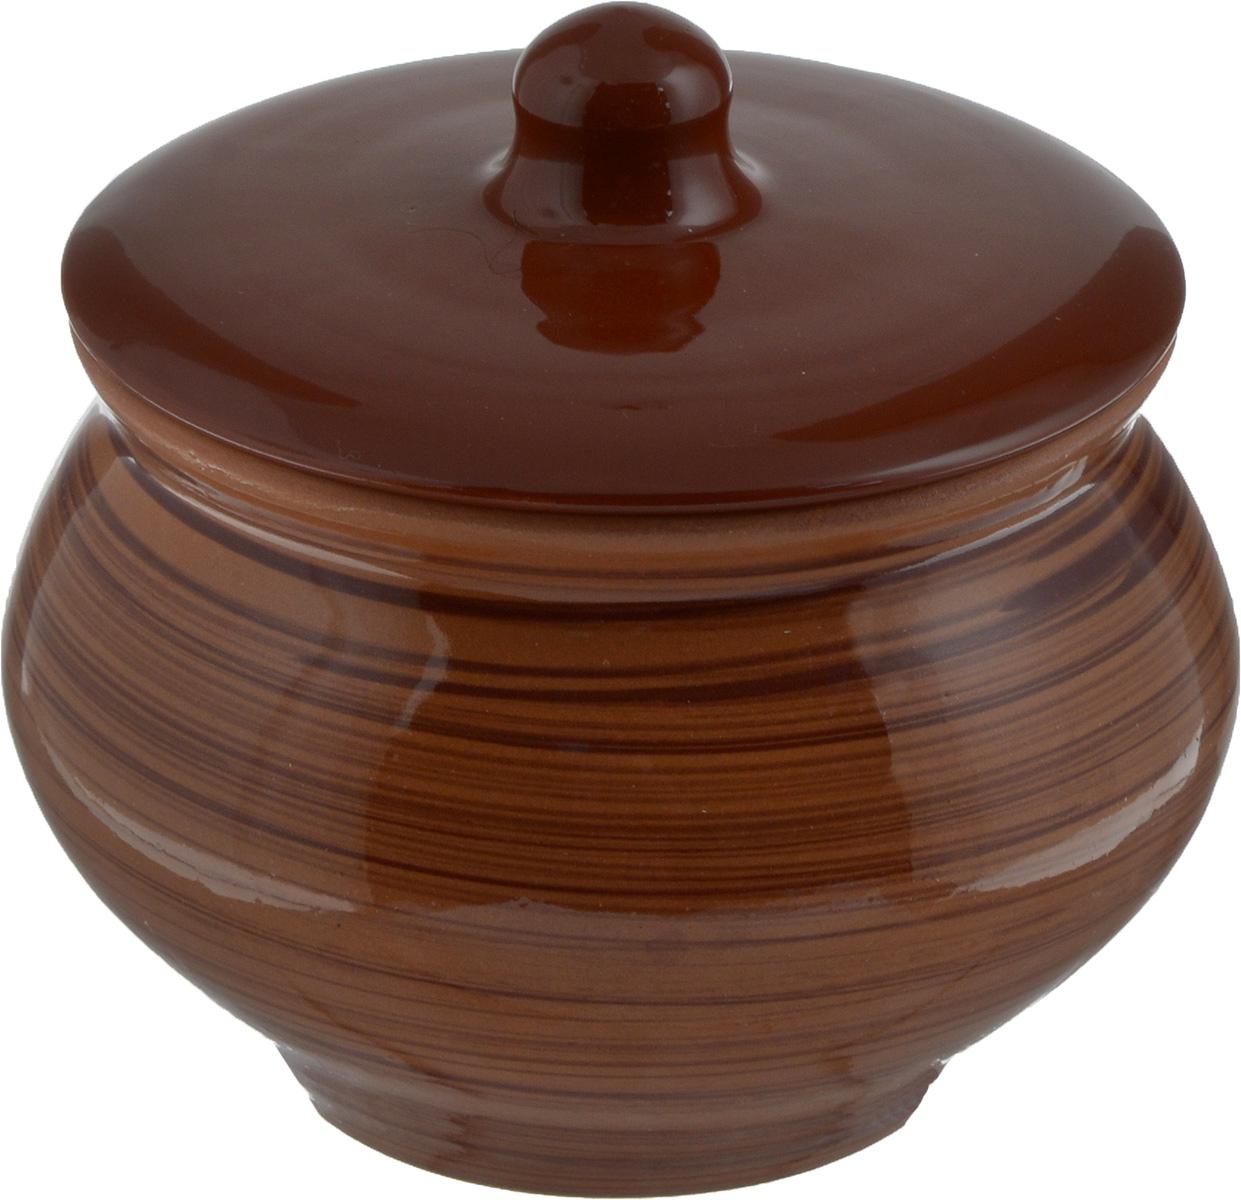 Горшок для запекания Борисовская керамика Cтандарт, с крышкой, цвет: светло-коричневый, 1,3 л1400-930Горшок с крышкой для запекания Борисовская керамика Cтандарт выполнен из высококачественной керамики. Уникальные свойства керамики и толстые стенки изделия обеспечивают эффект русской печи при приготовлении блюд. Блюда, приготовленные в таком горшочке, получаются нежными и сочными. Вы сможете приготовить мясо, сделать томленые овощи и все это без капли масла. Это один из самых здоровых способов готовки. Предназначен горшок для приготовления блюд в духовом шкафу имикроволновой печи. Диаметр горшка (по верхнему краю): 15 см. Высота стенок: 11,5 см.